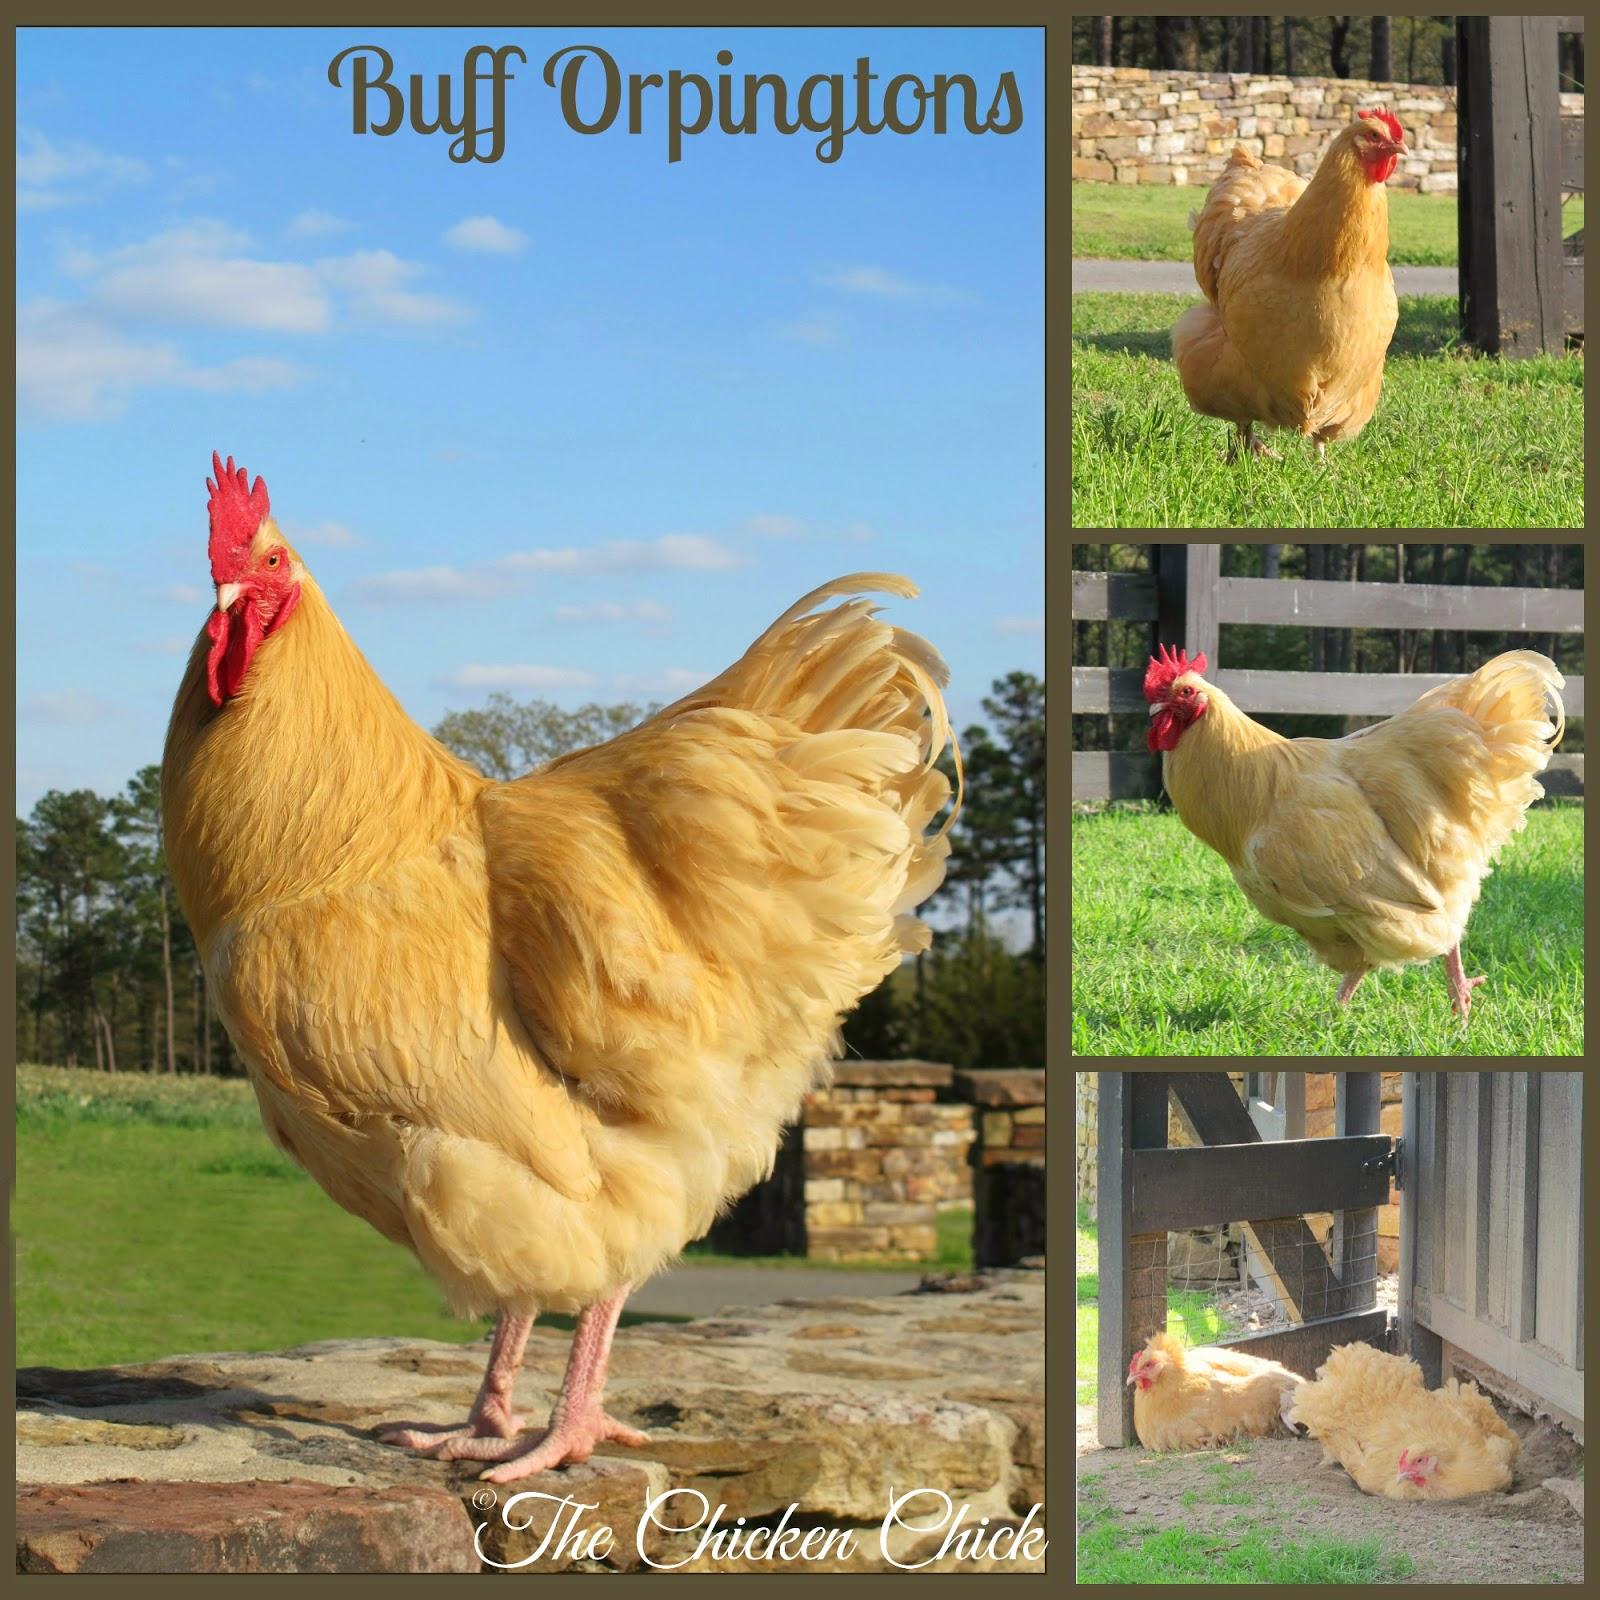 Buff Orpingtons at P Allen Smith's Moss Mountain Farm